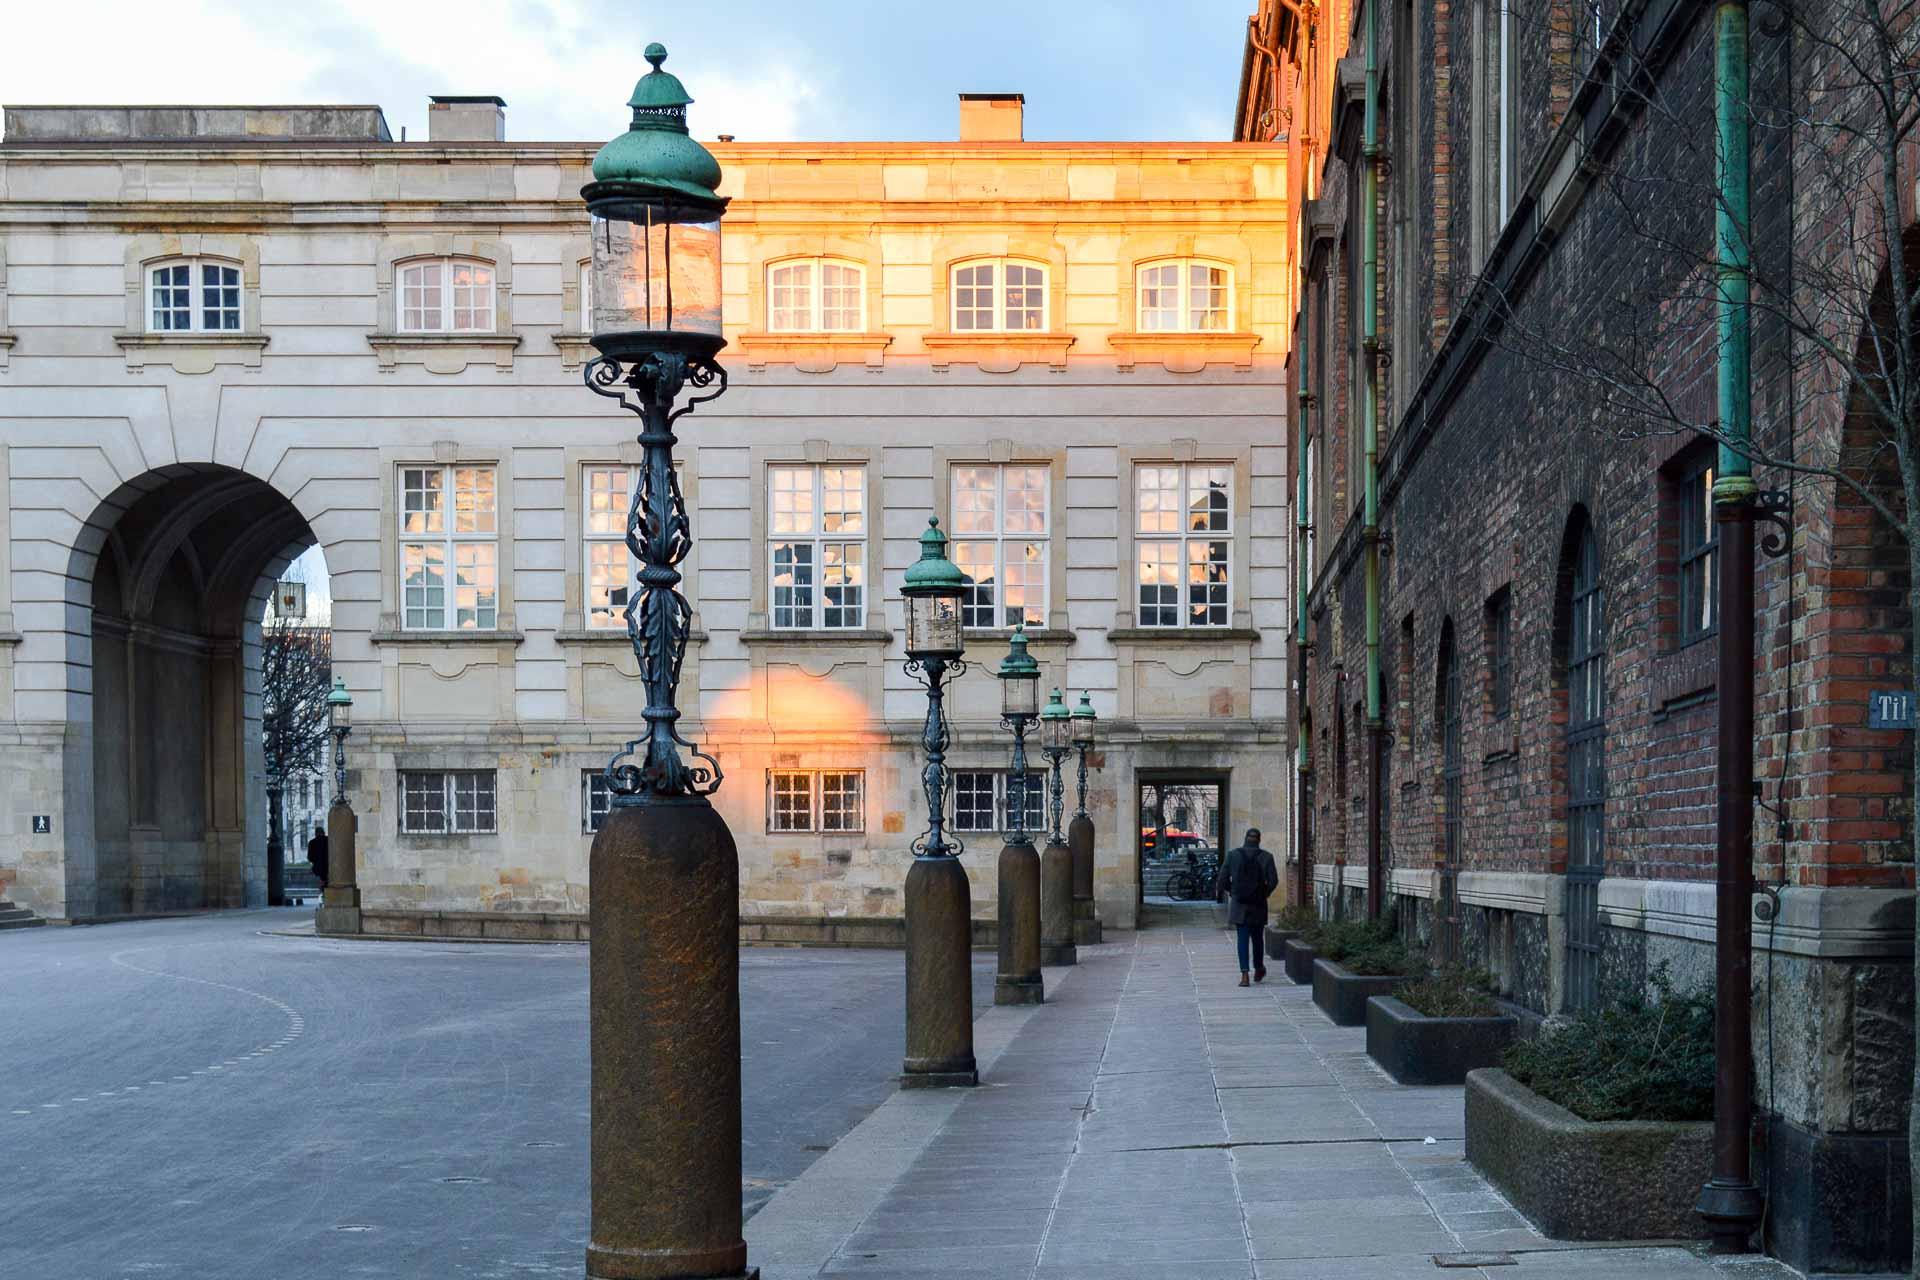 Abandonnons un moment la touristique petite sirène, les maisons colorées du Nyhavn ou la ville libre de Christiana, et dédions notre séjour au meilleur de la gastronomie, de l'architecture et de la douceur de vivre de la capitale danoise baignée par les eaux de la Baltique.